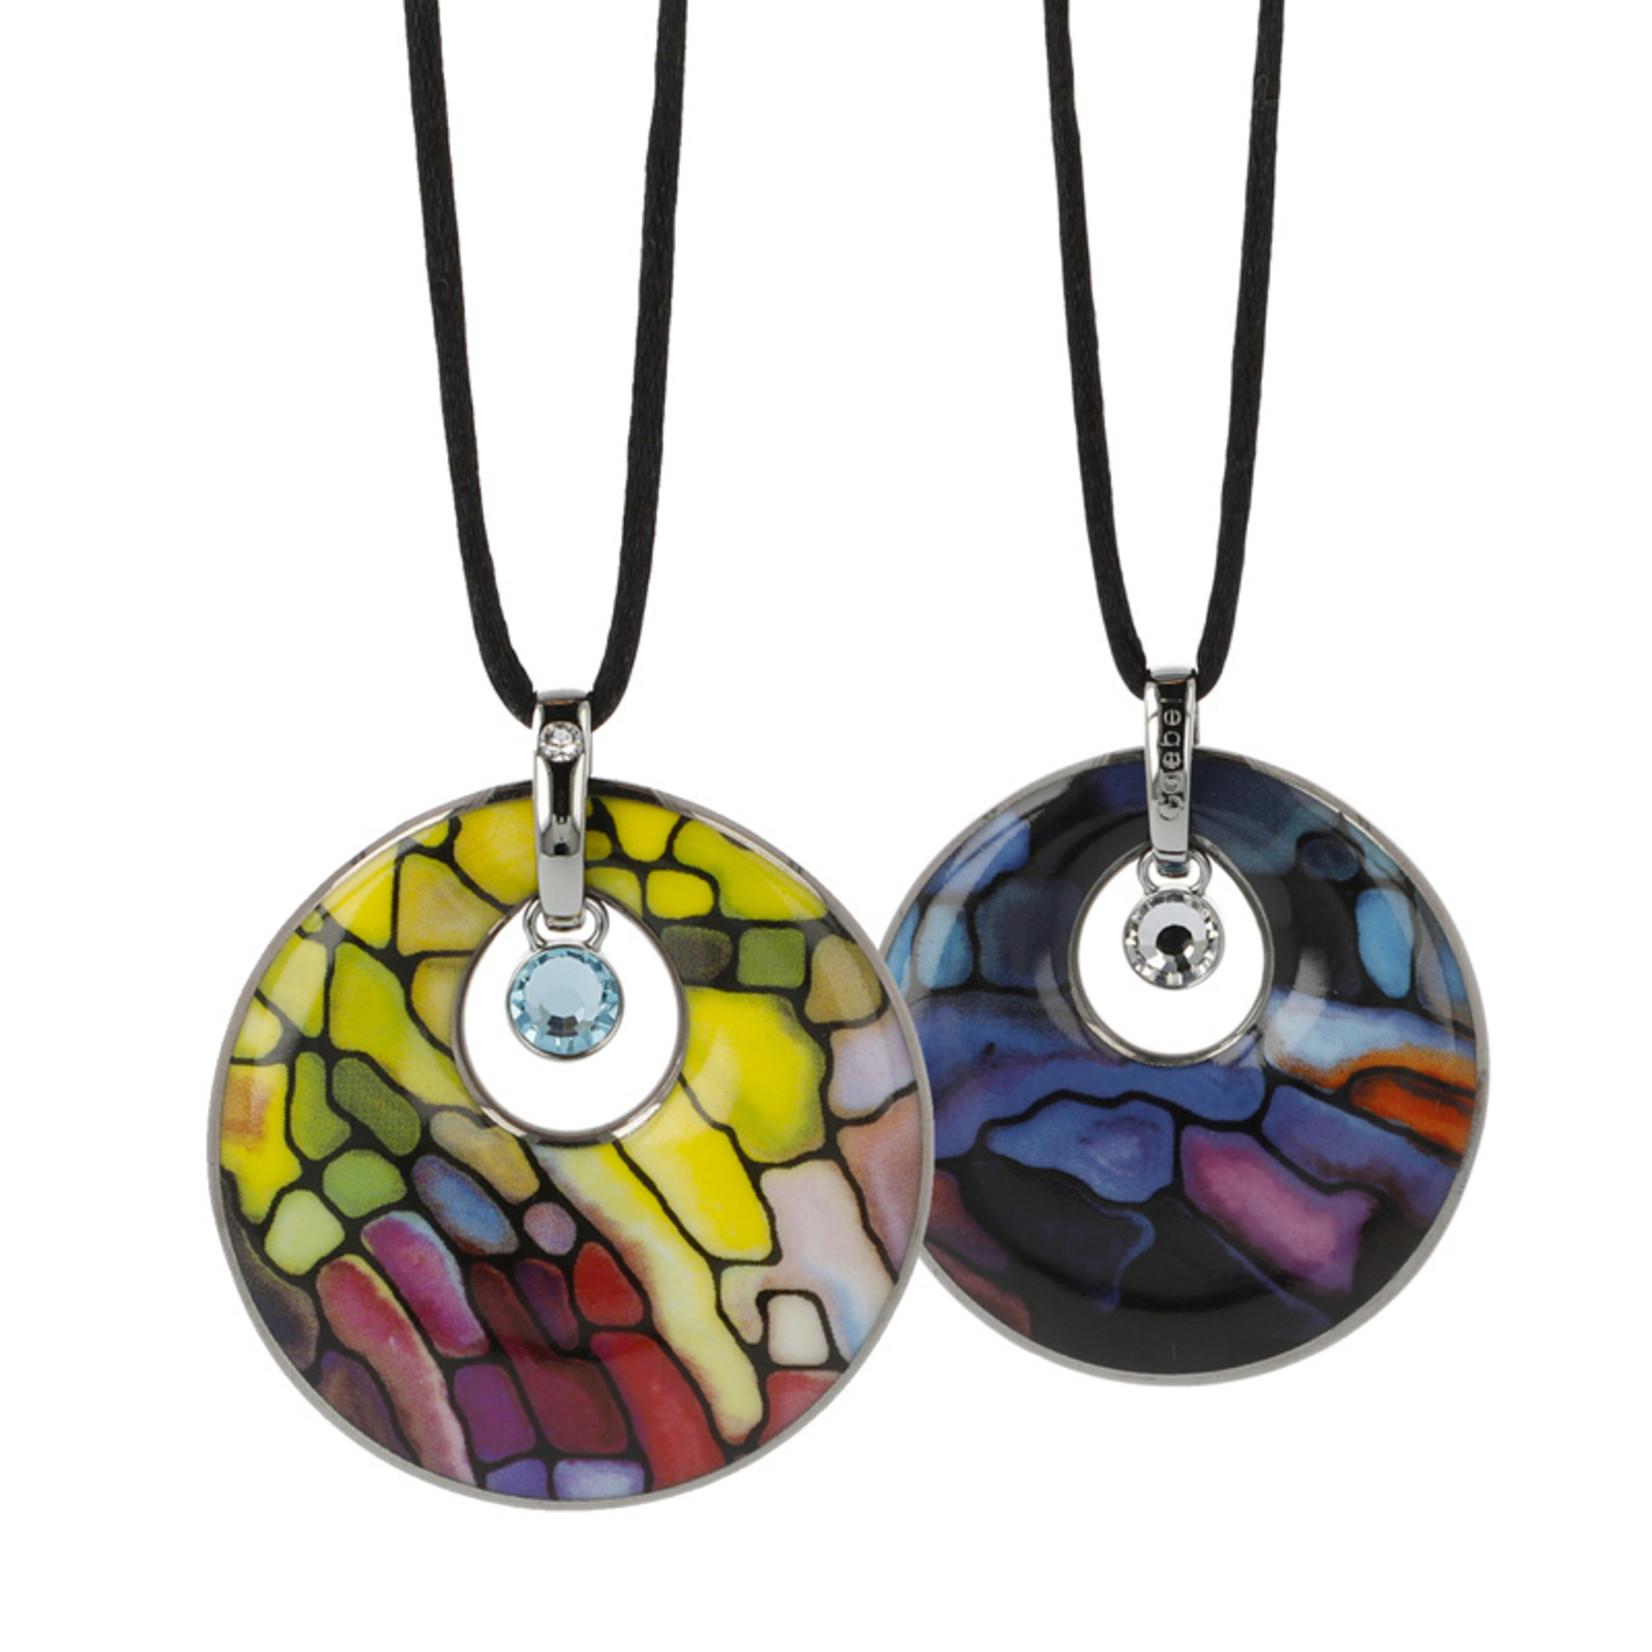 Goebel Porzellanmanufaktur Kette Mosaik IV I Goebel I Künstlerkette I gelb-rot-blau